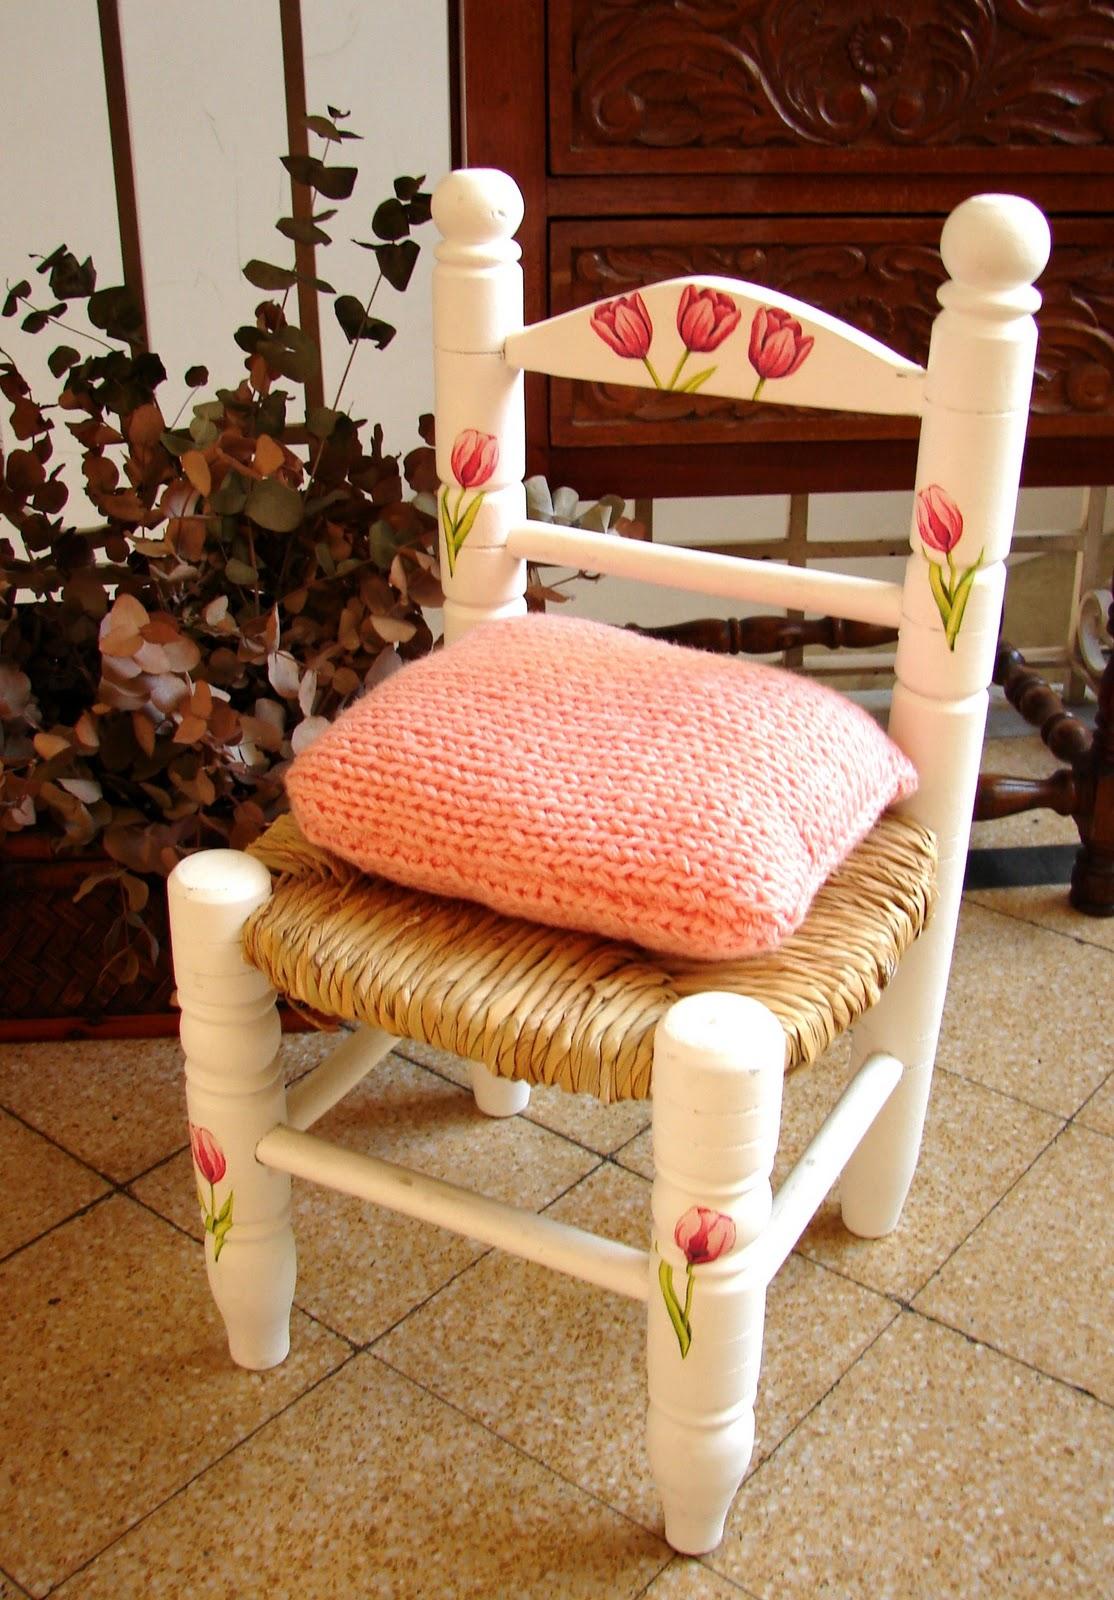 El rastro deco sillas para cuarto de ni as - Silla para habitacion ...